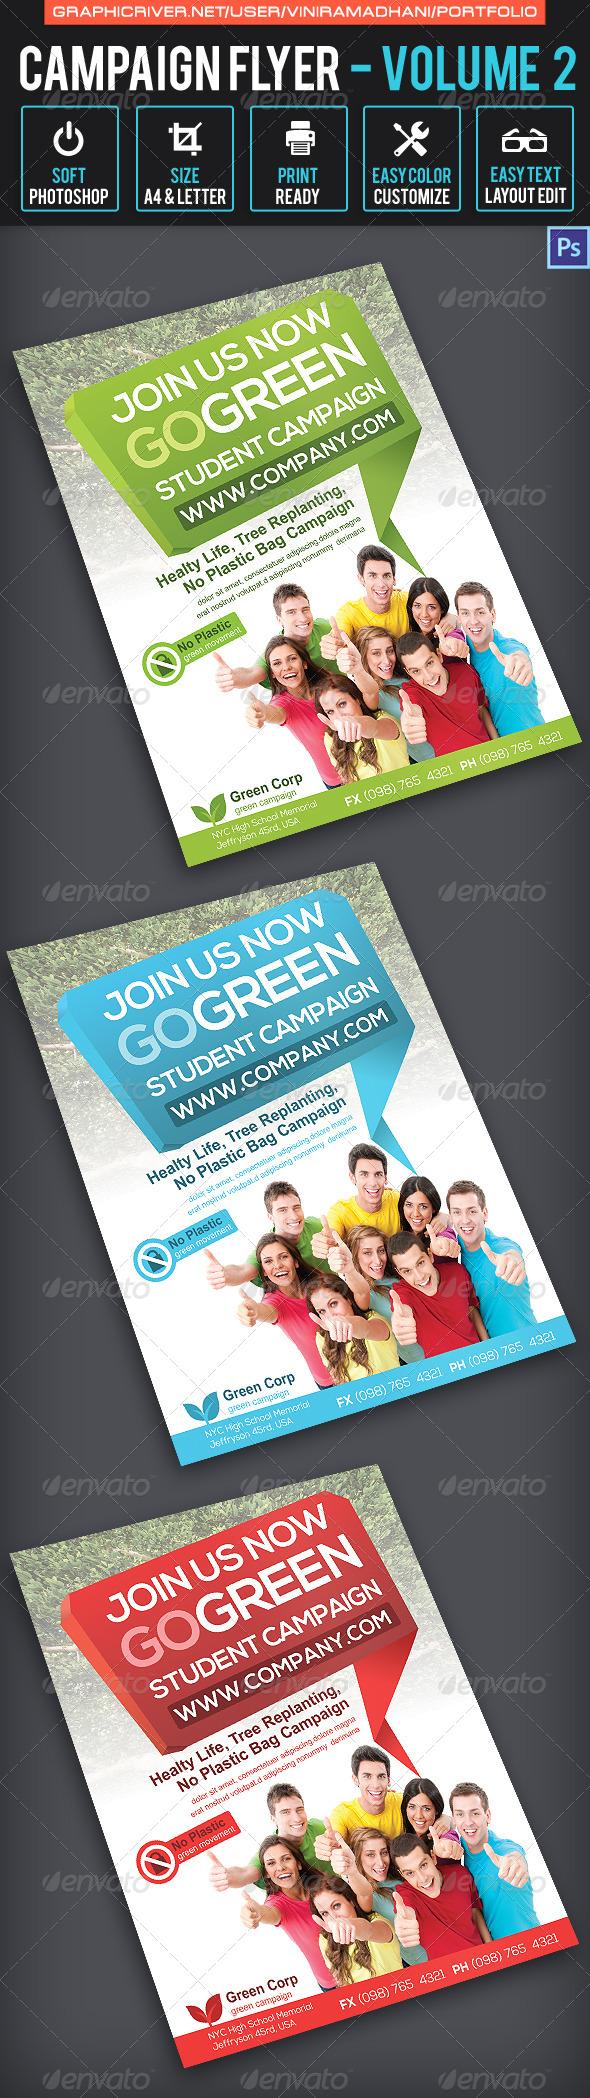 GraphicRiver Campaign Flyer Volume 2 6882287